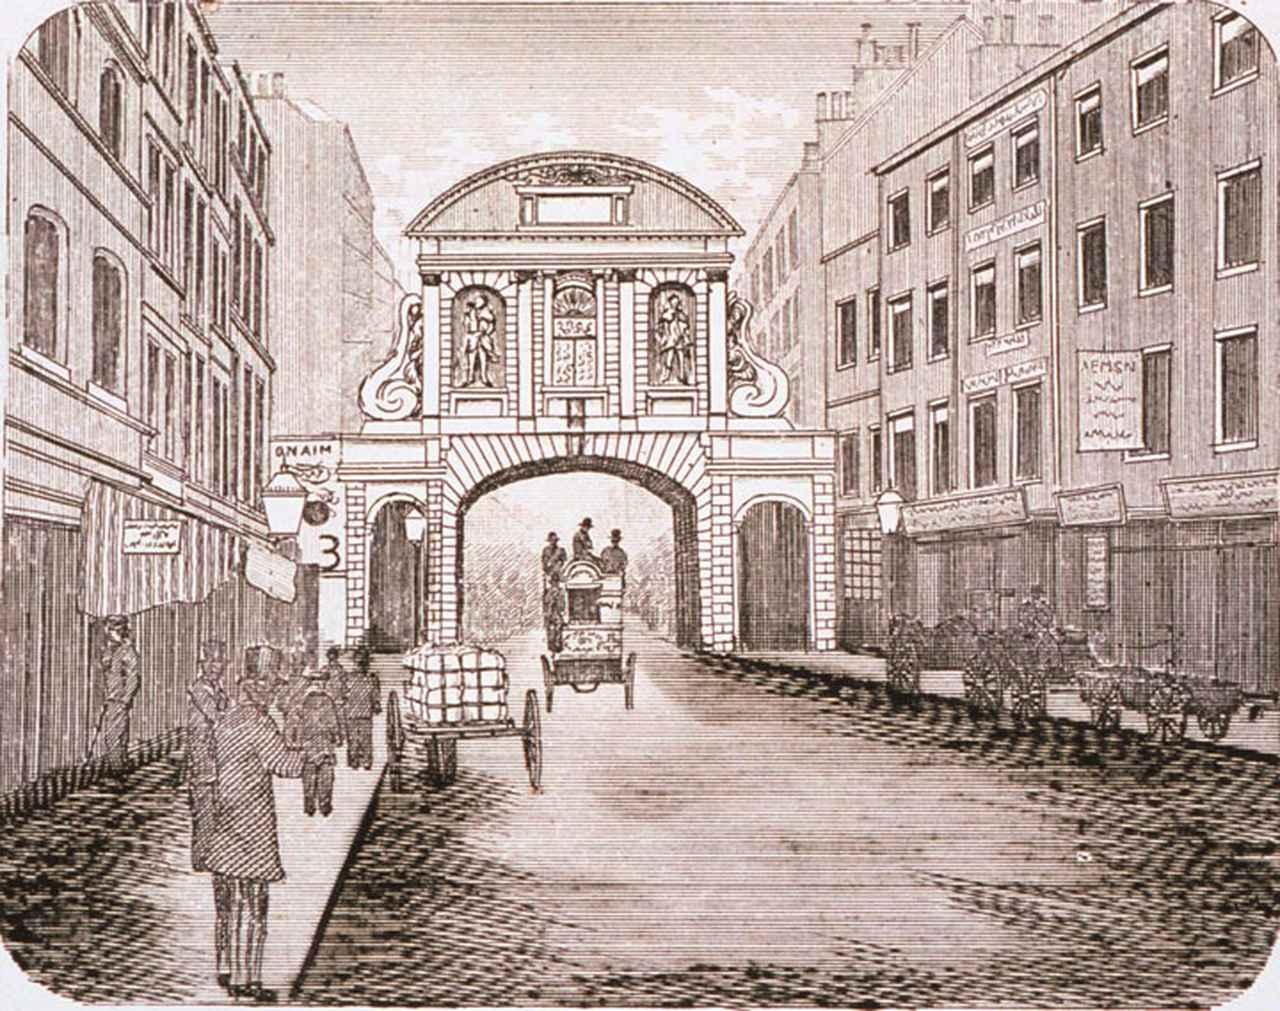 画像: ロンドンの金融街「シティ」に通じる門(ゲート)。